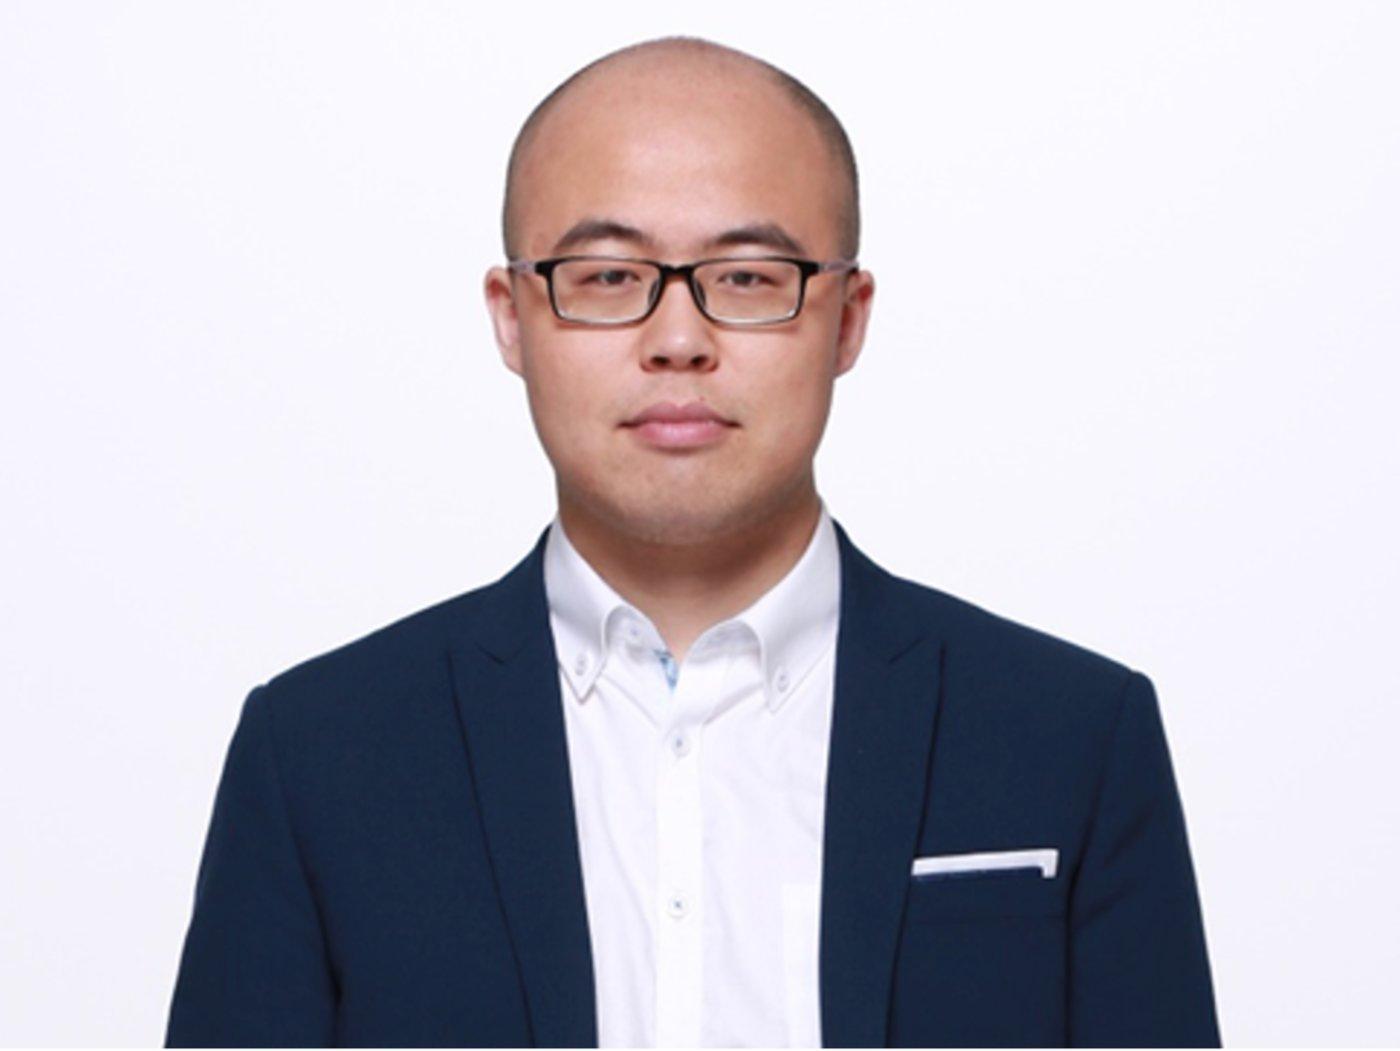 闫俊杰博士,商汤科技副总裁